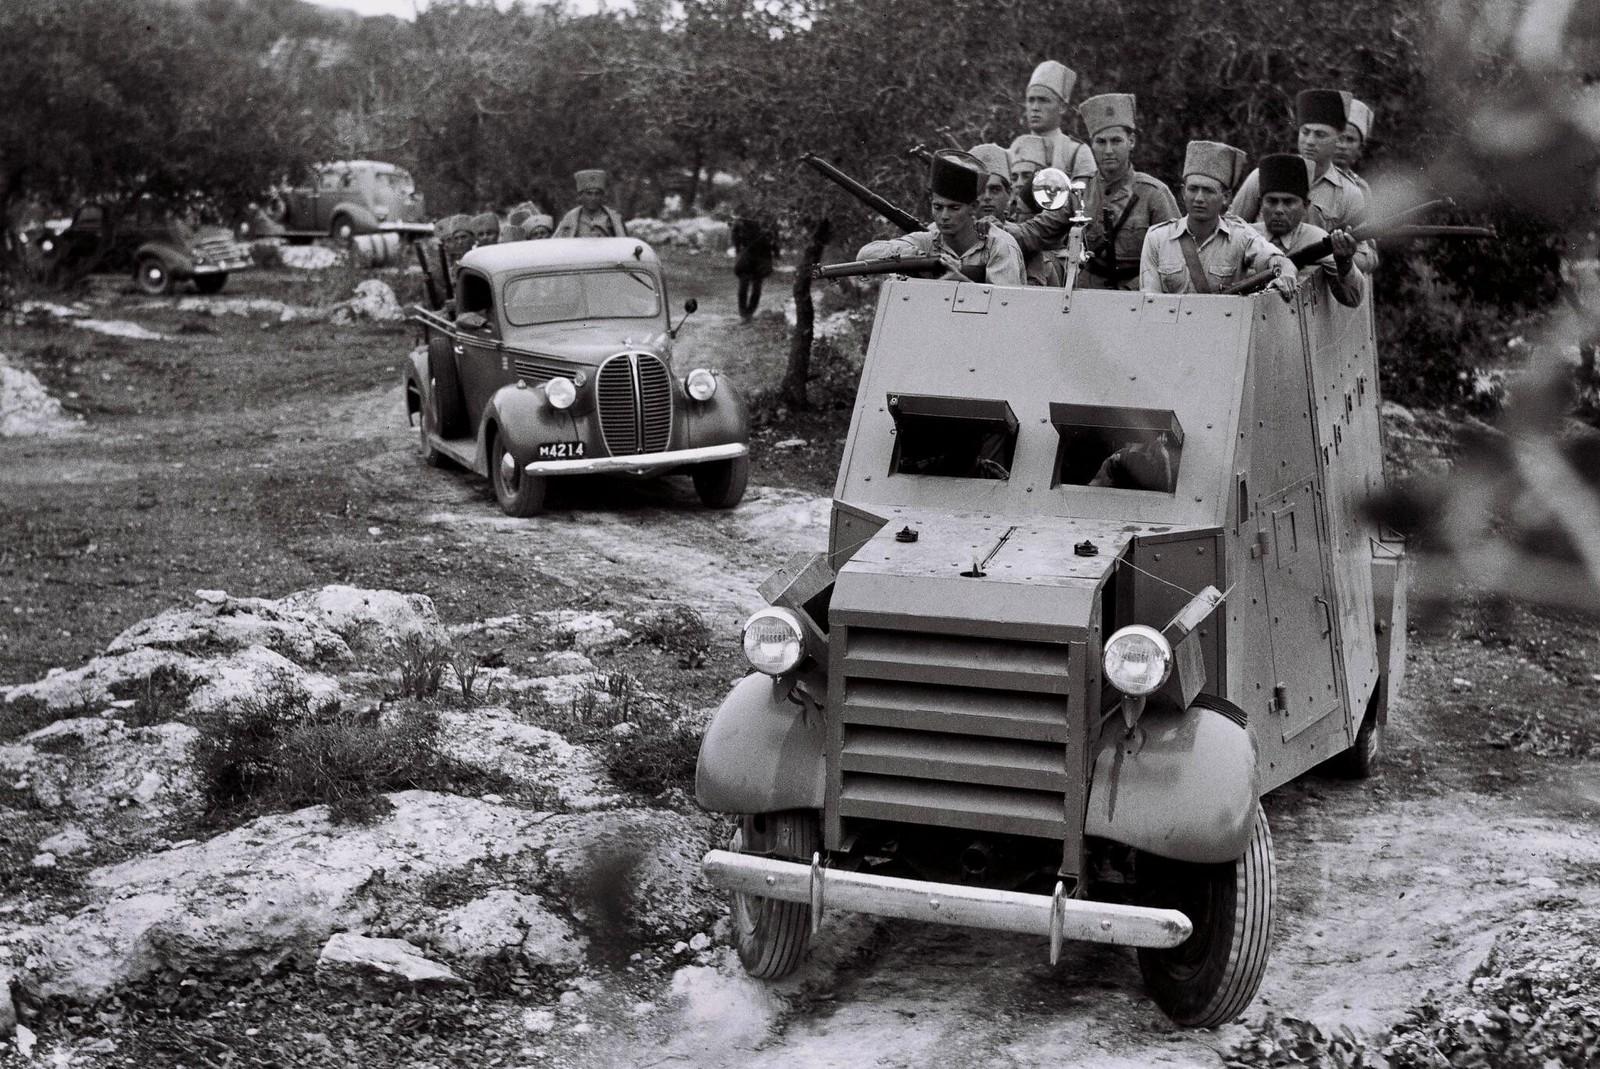 26. 1938. Бронированный конвой полиции еврейских поселений покидает свой лагерь 7 декабря в кибуце Алоним в Изреельской долине